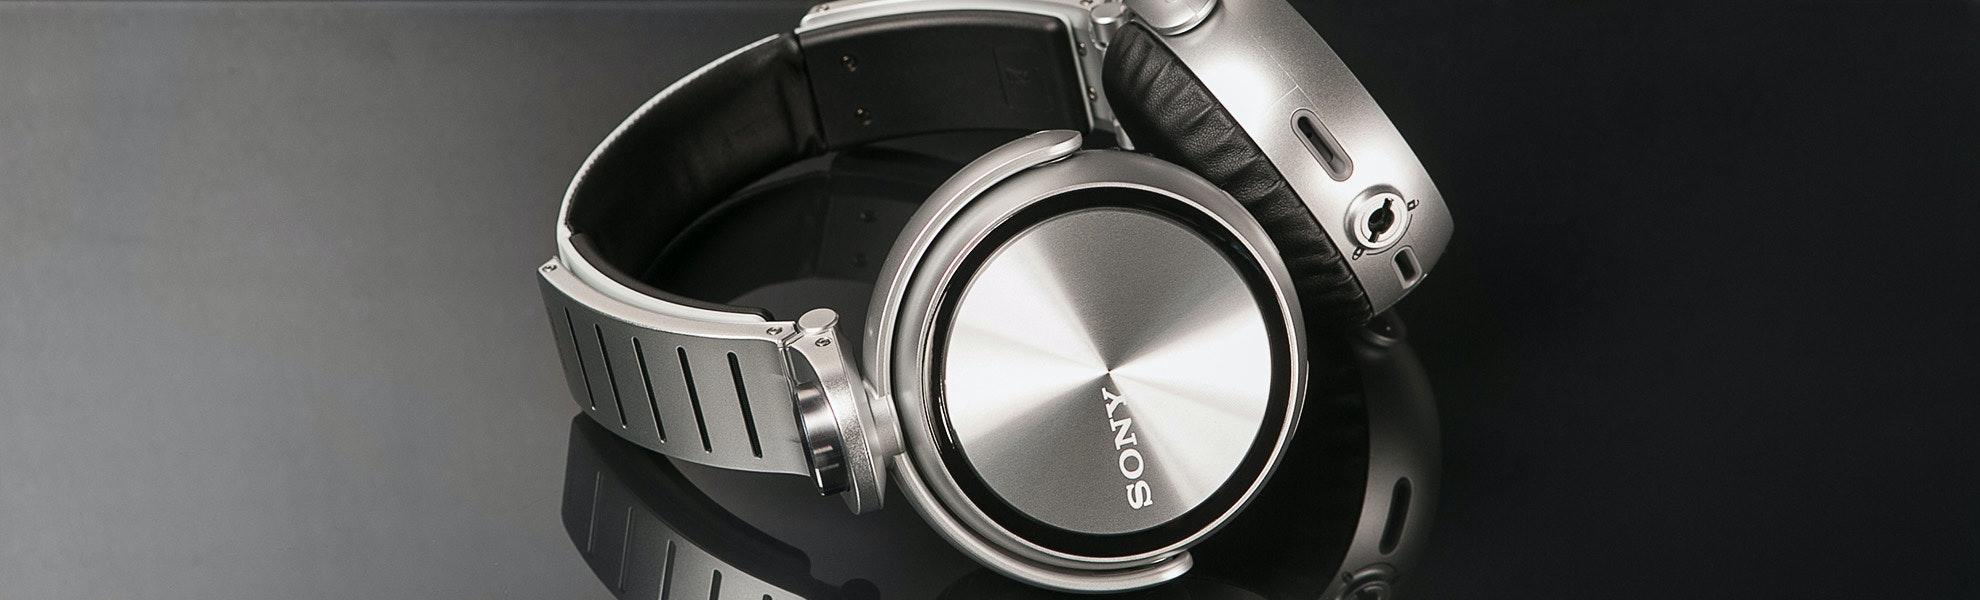 Sony MDR-XB920/B